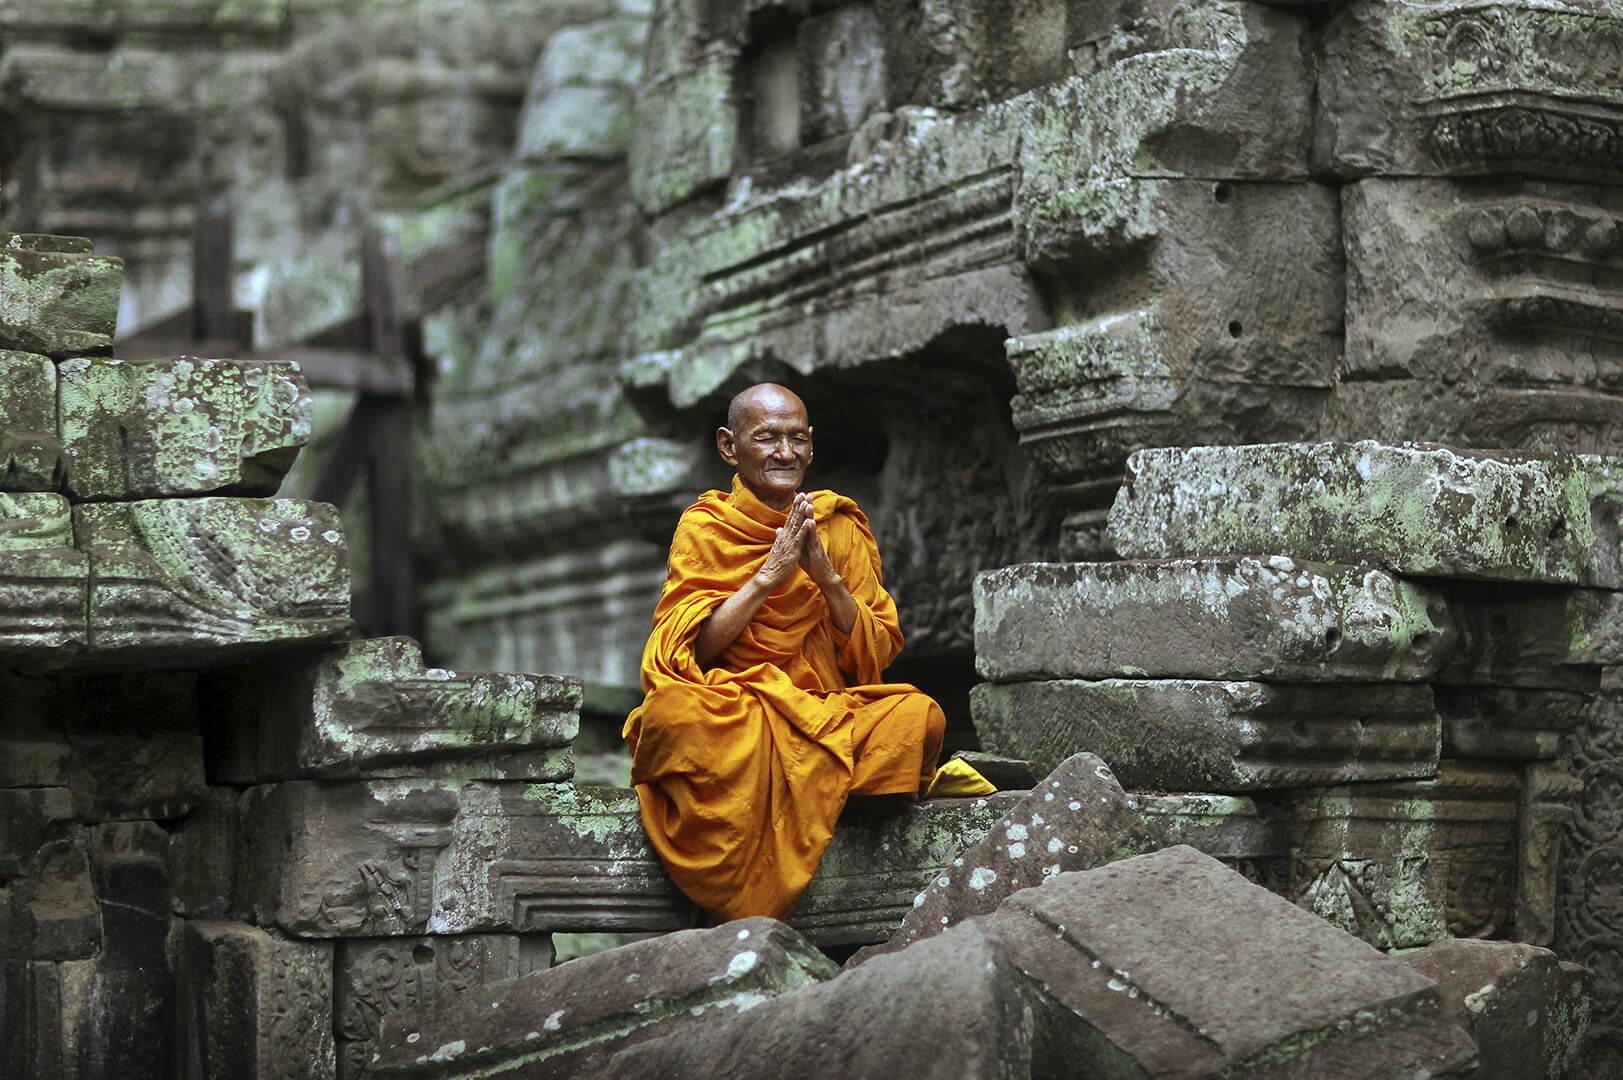 дзен-буддизм